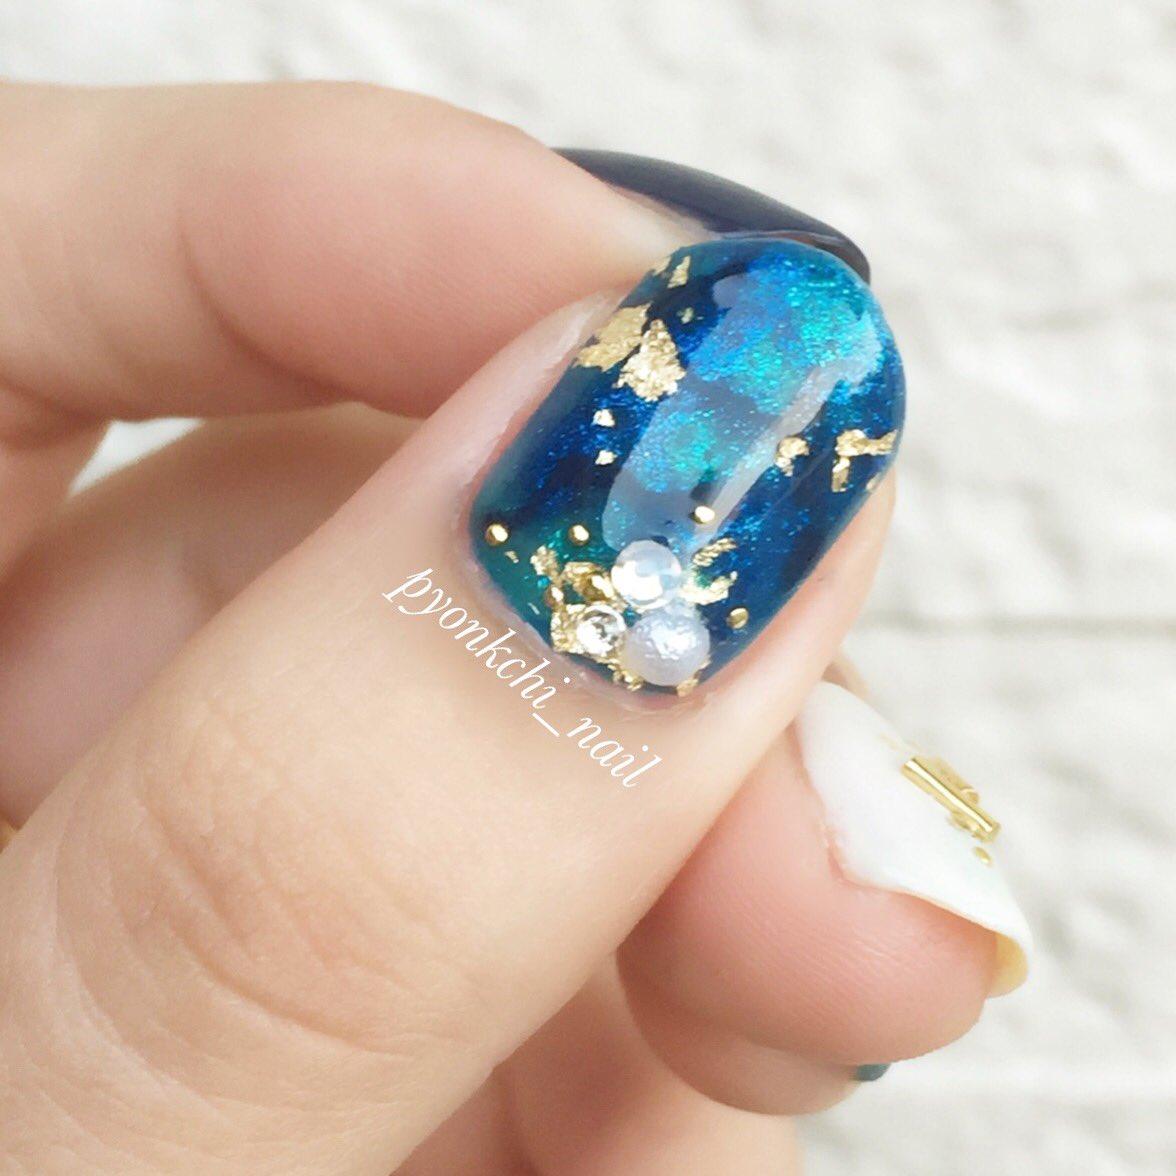 青は落ち着く〜(*´꒳`*)♡  #nail #selfnail #セルフネイル #ポリッシュ #マニキュア